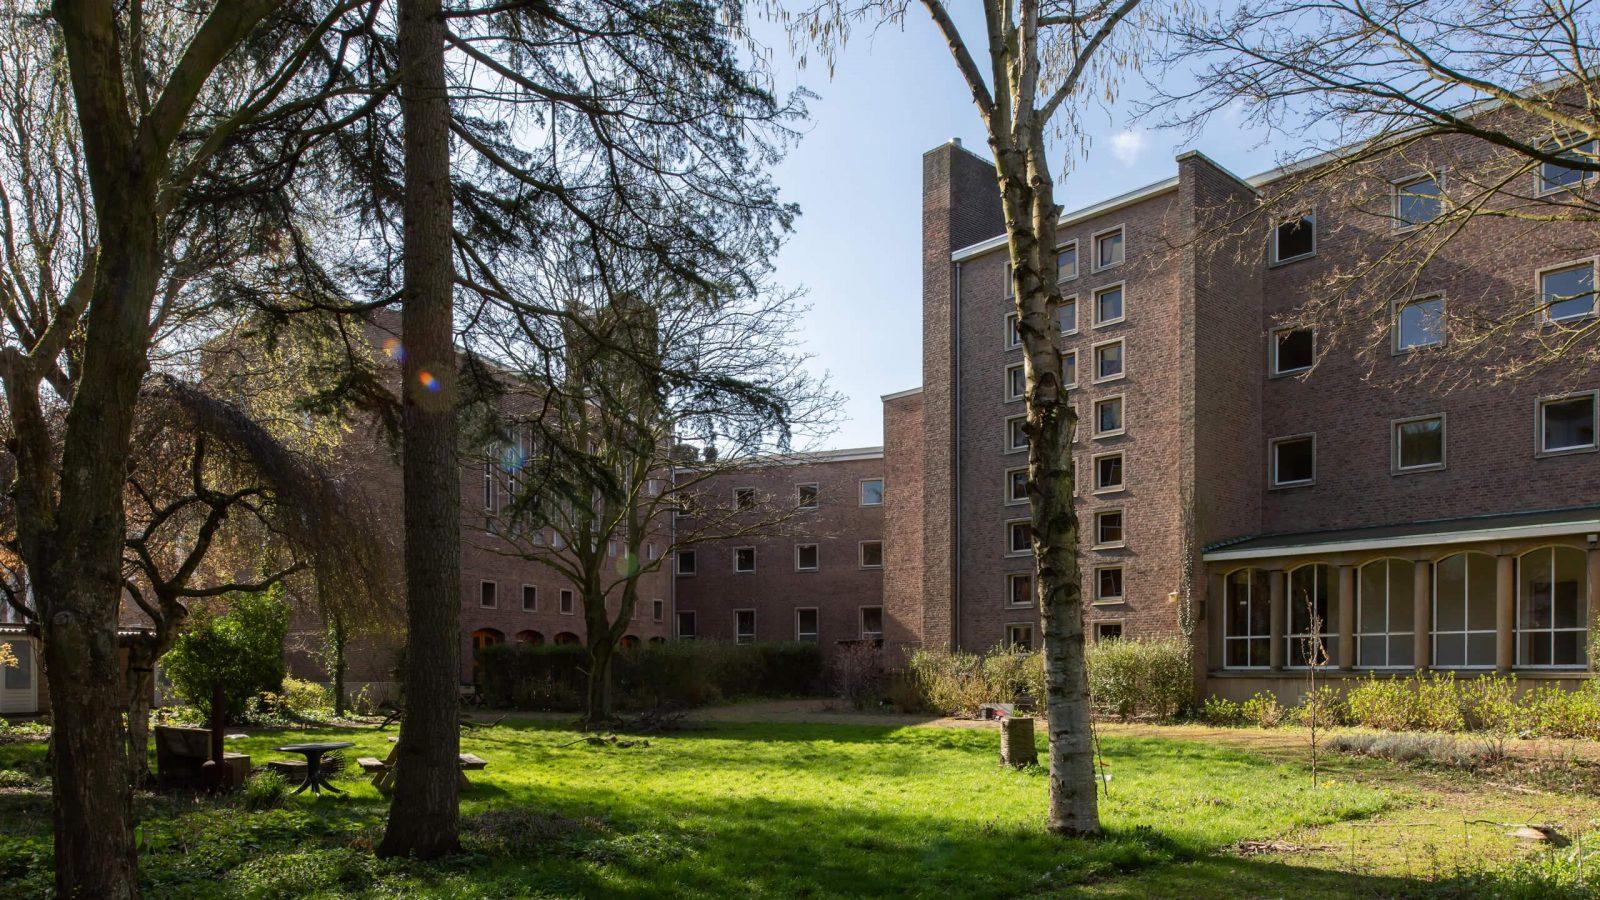 2021 Marlies Lageweg SPWR klooster6 Regina Pacis